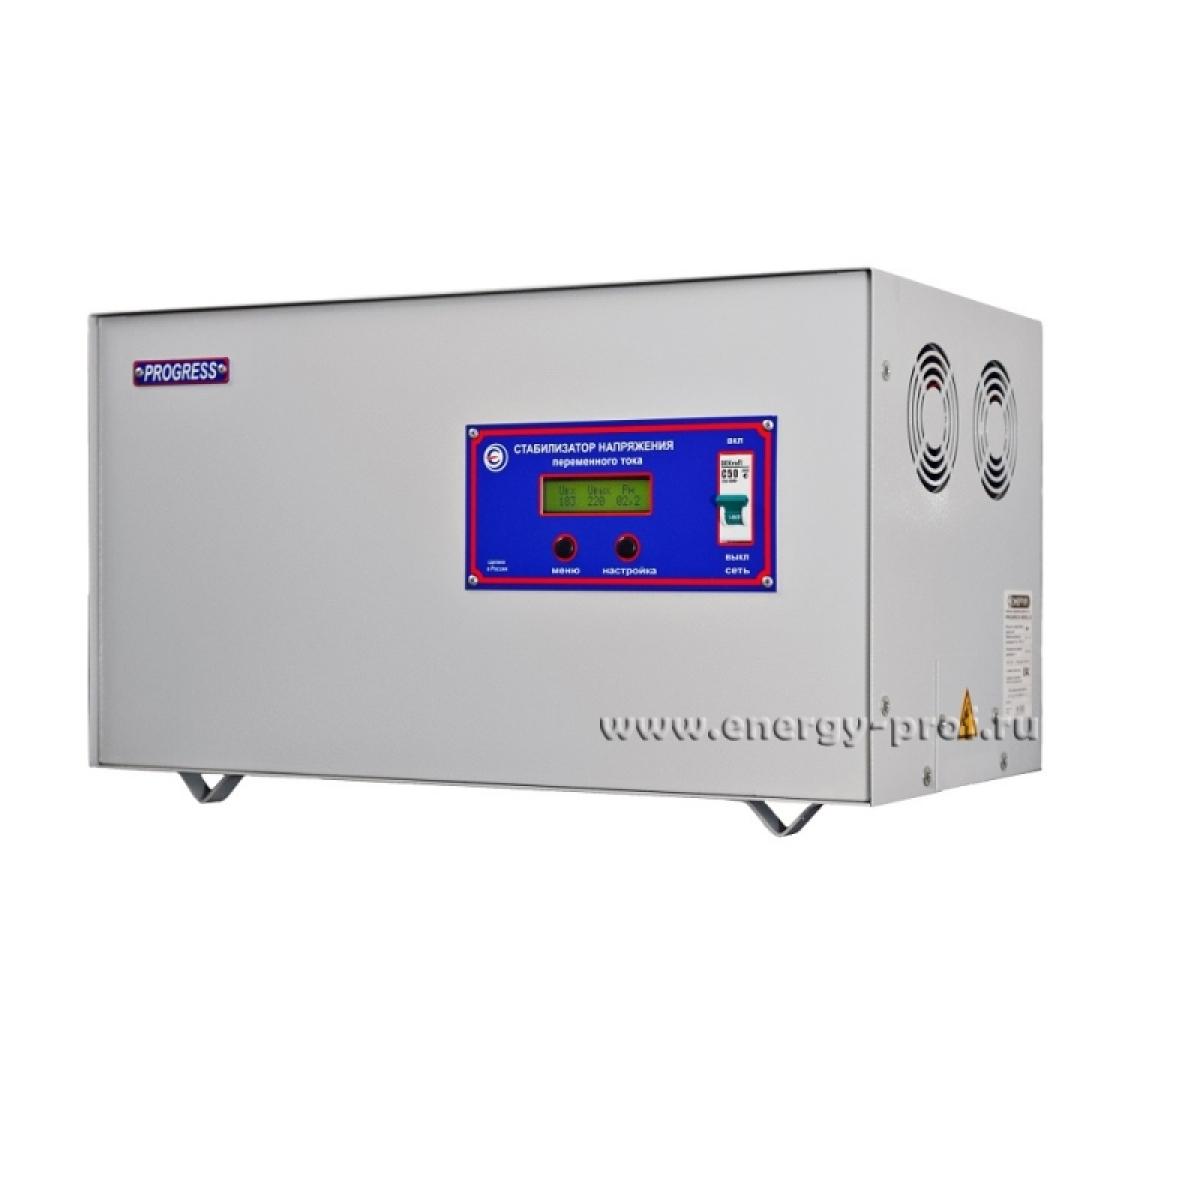 Однофазный стабилизатор PROGRESS 12000T